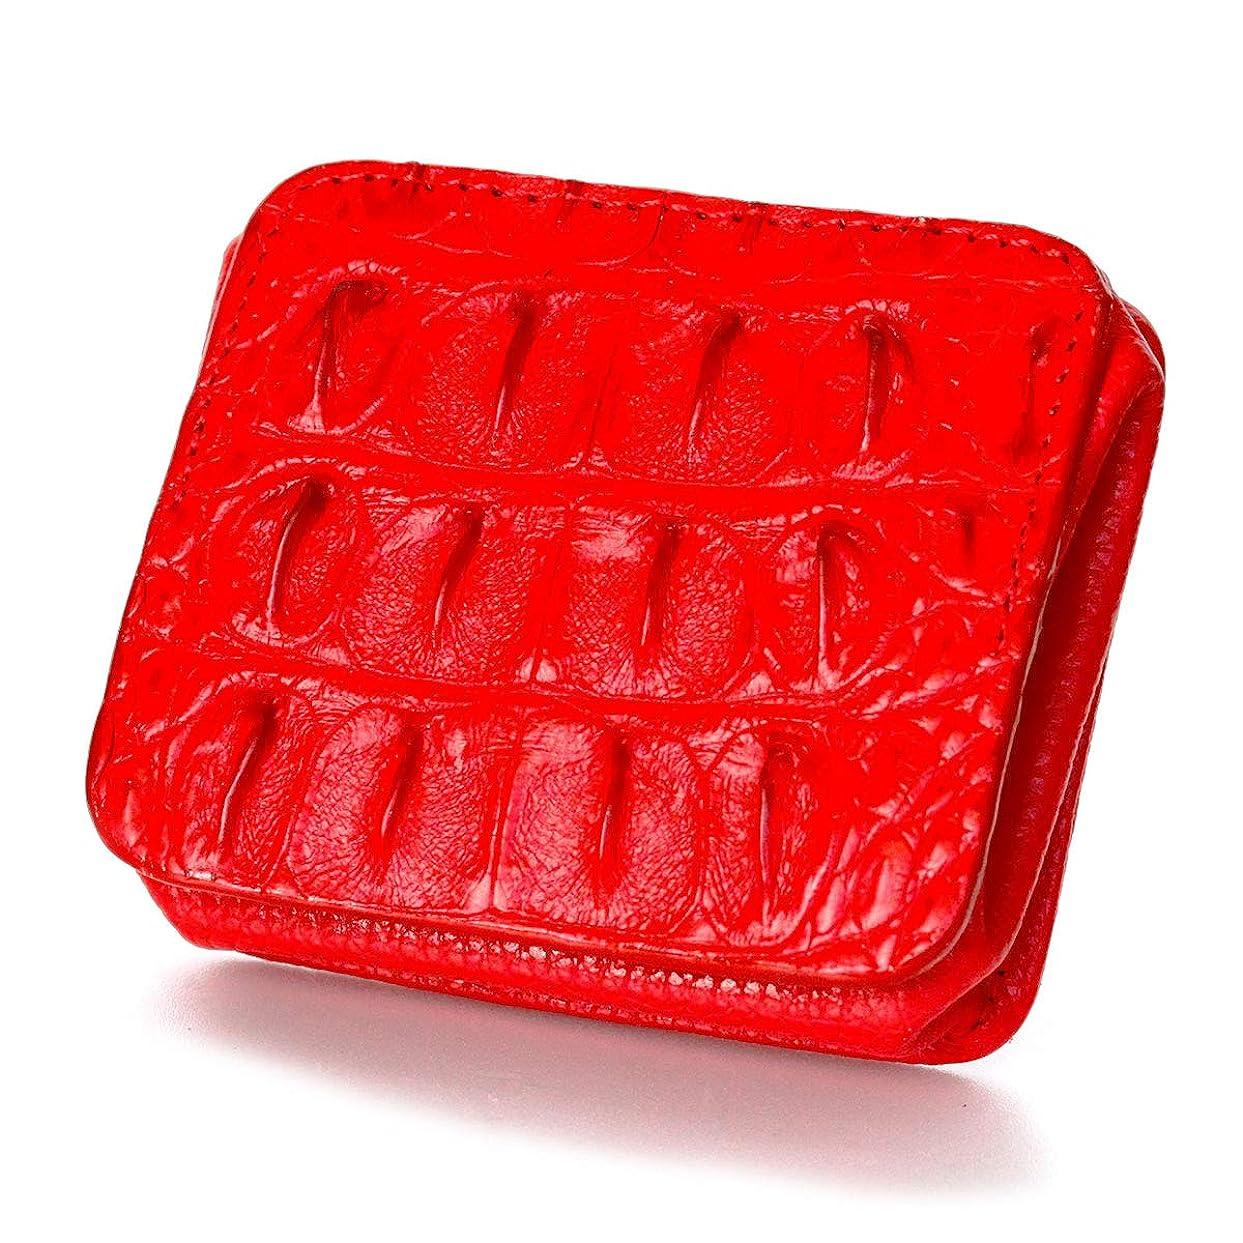 ドラゴンしおれた効果的DaysArt(デイズアート)ワニ皮 本革 クロコダイルコインケース レザーコインケース 小銭入れ 財布 マグネットボタン式